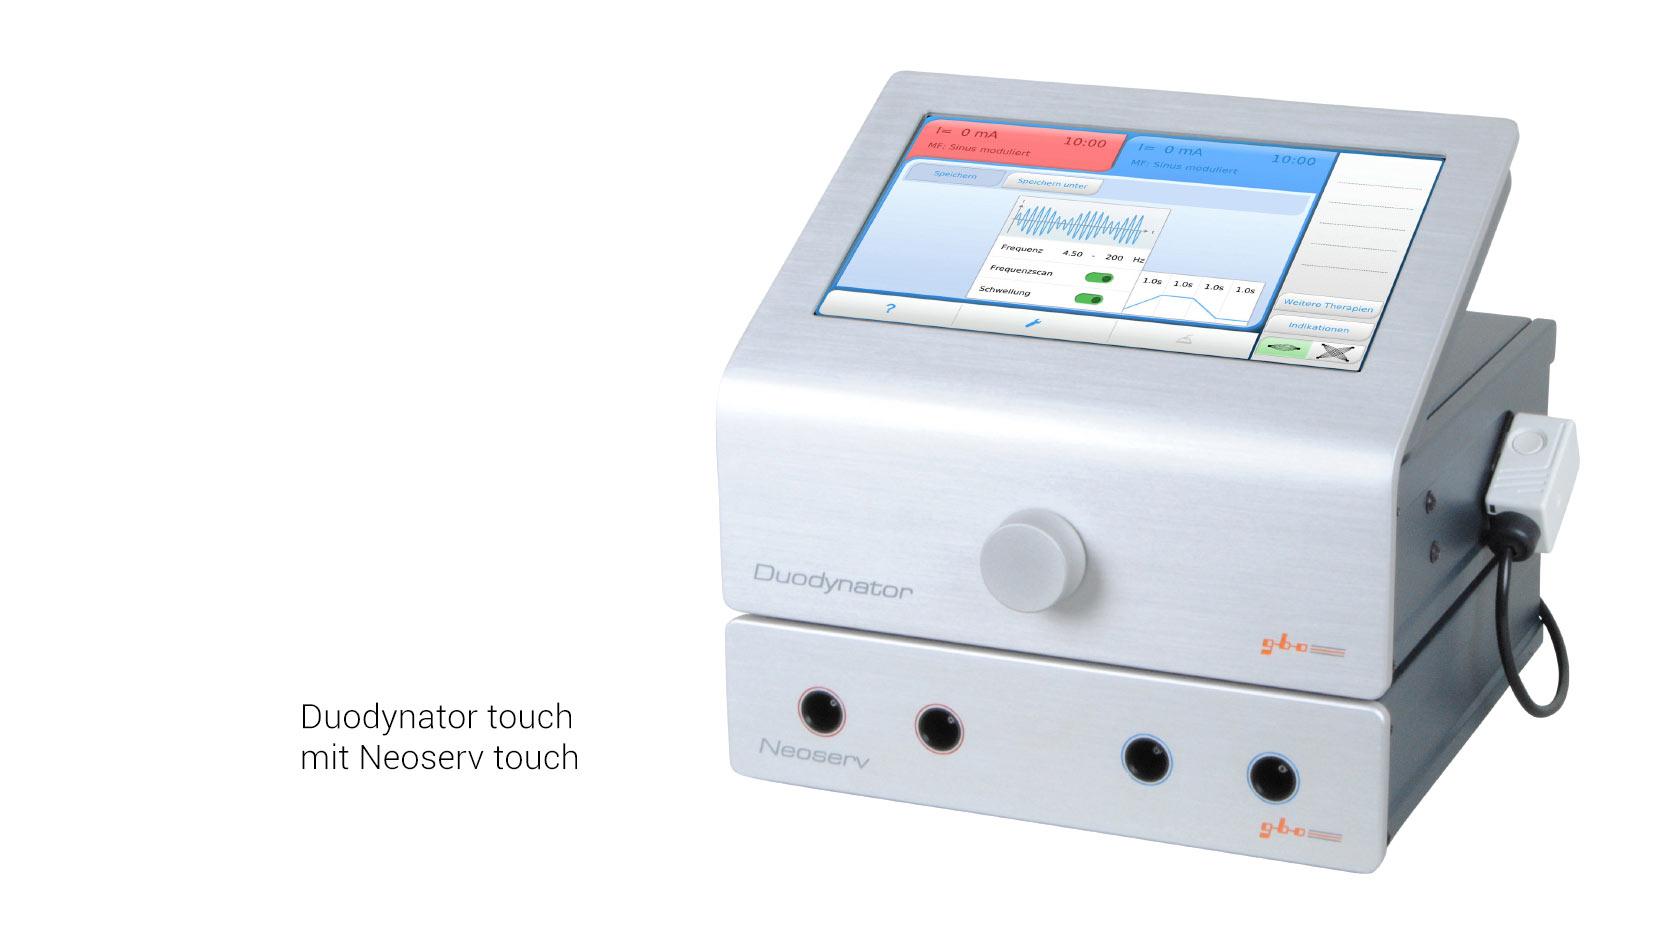 Duodynator-touch-mit-Neoserv-touch-Slider-2017